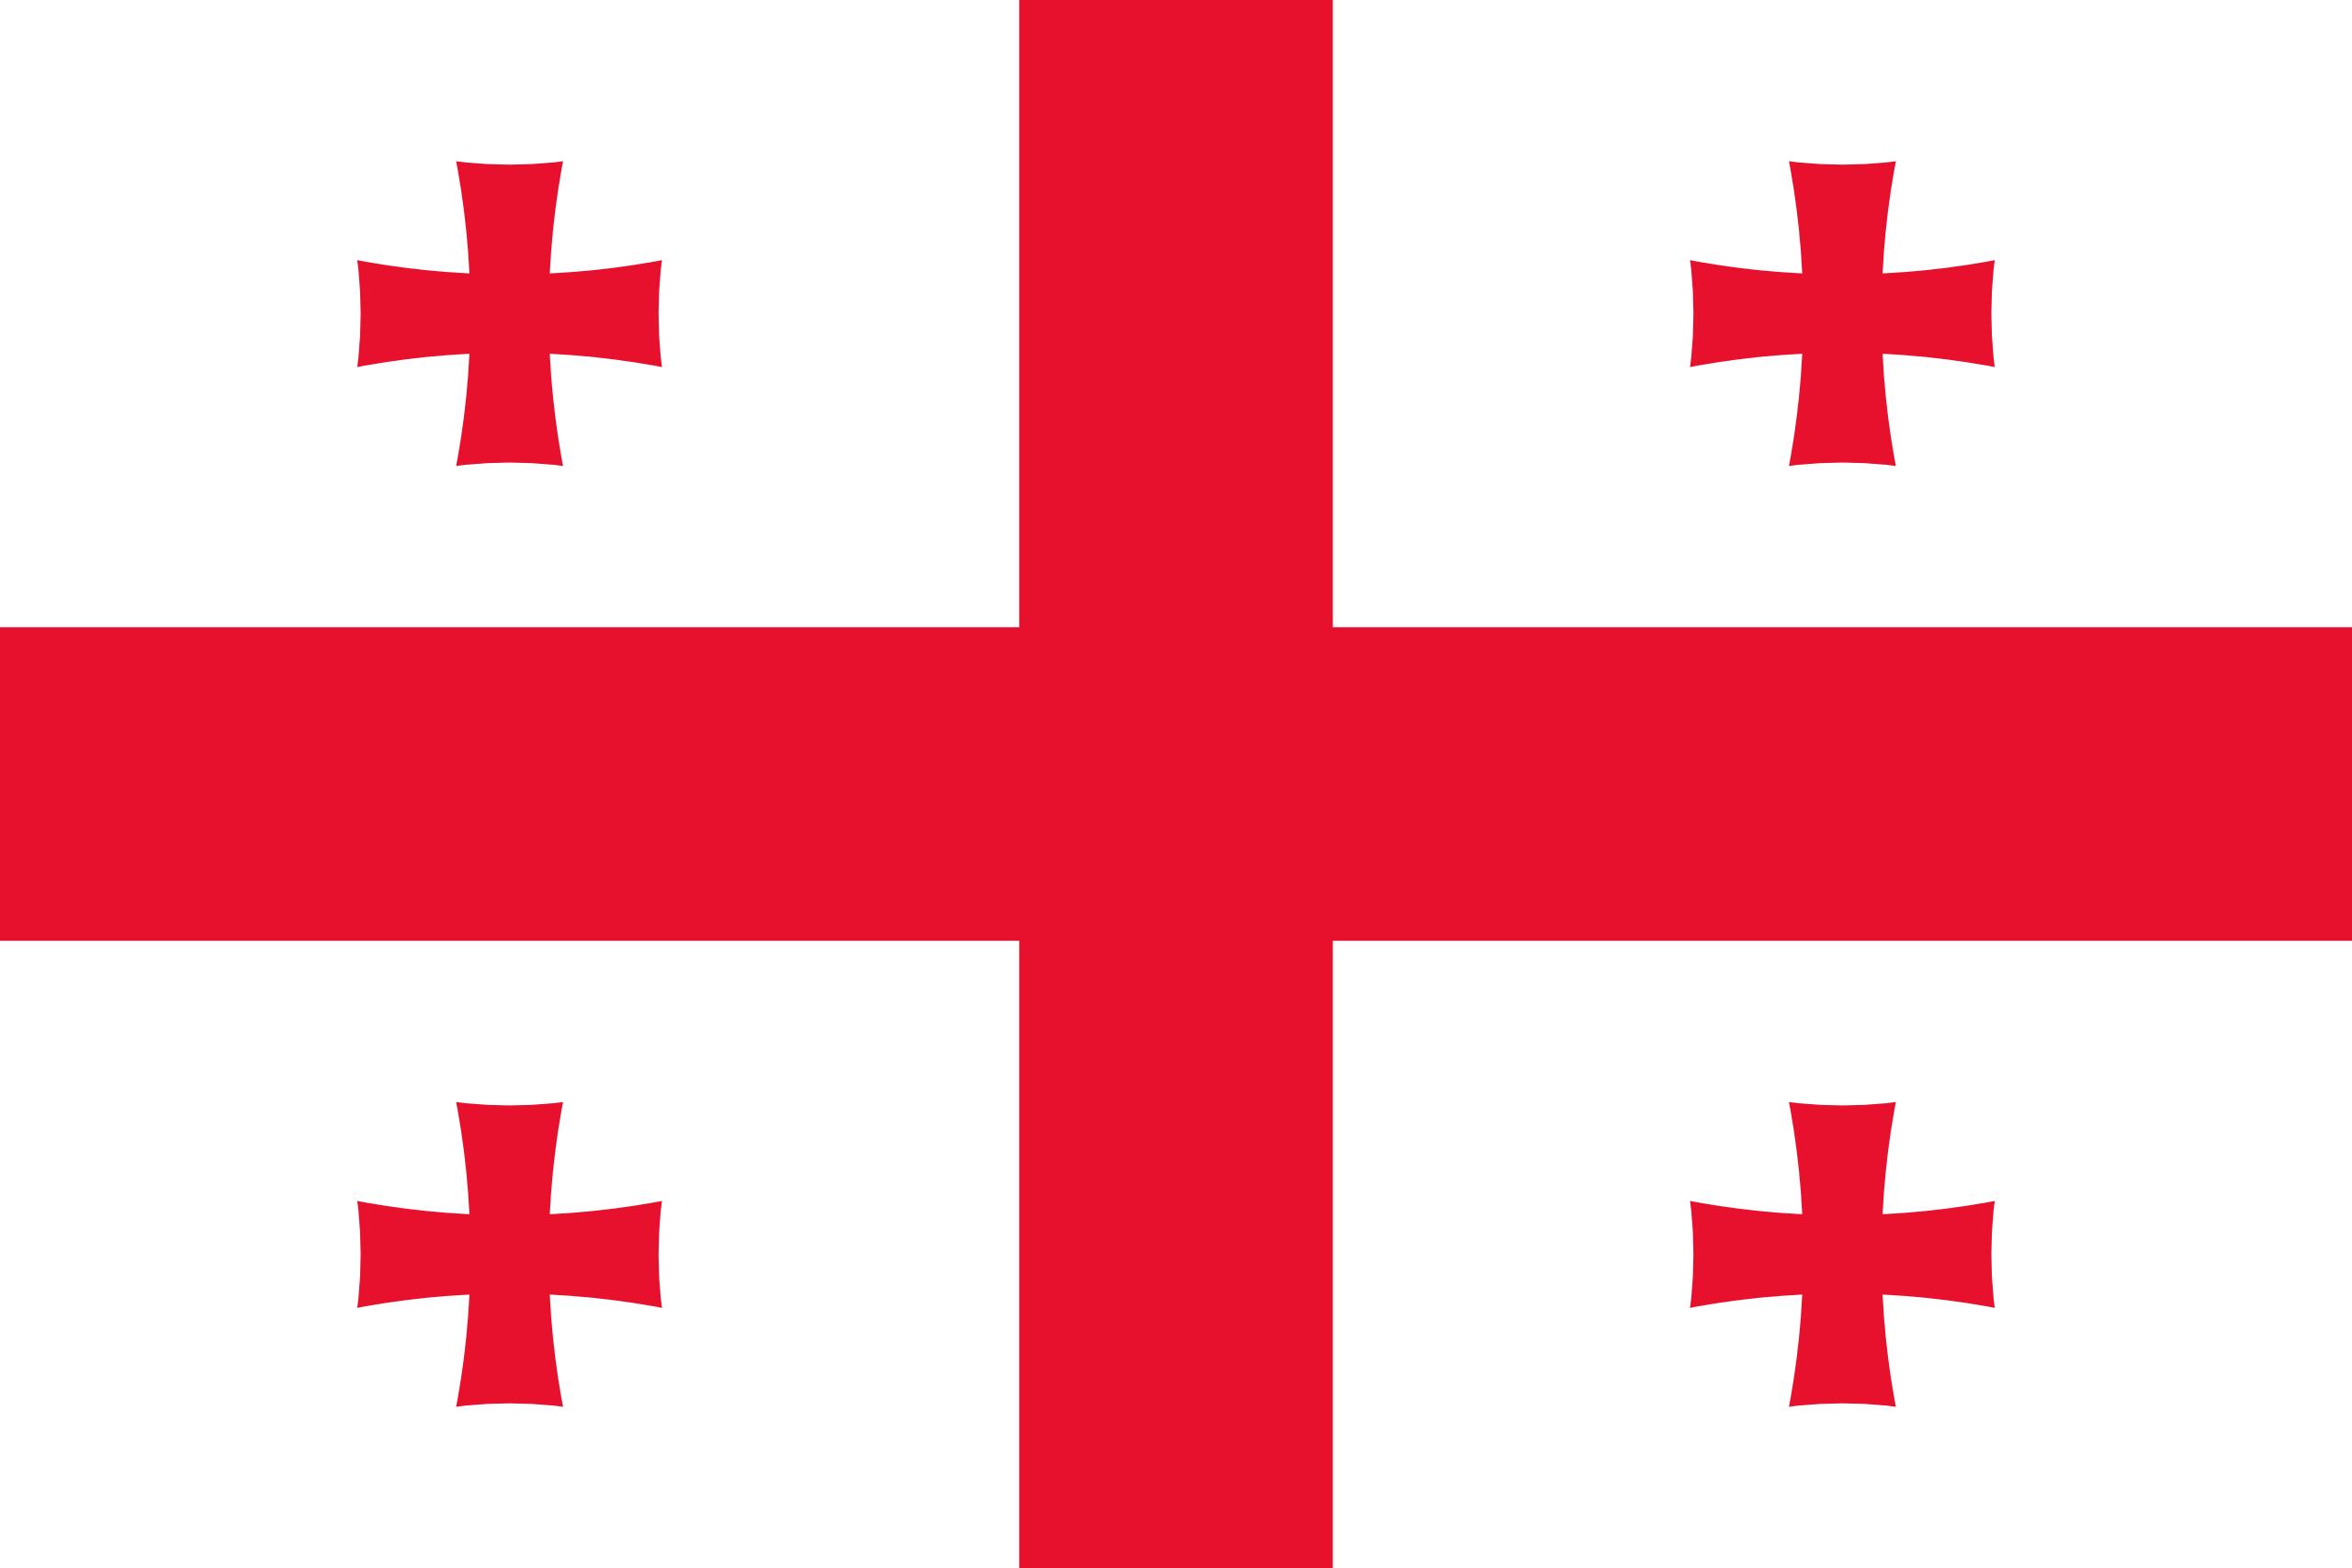 georgia, pays, emblème, logo, symbole - Fonds d'écran HD - Professor-falken.com